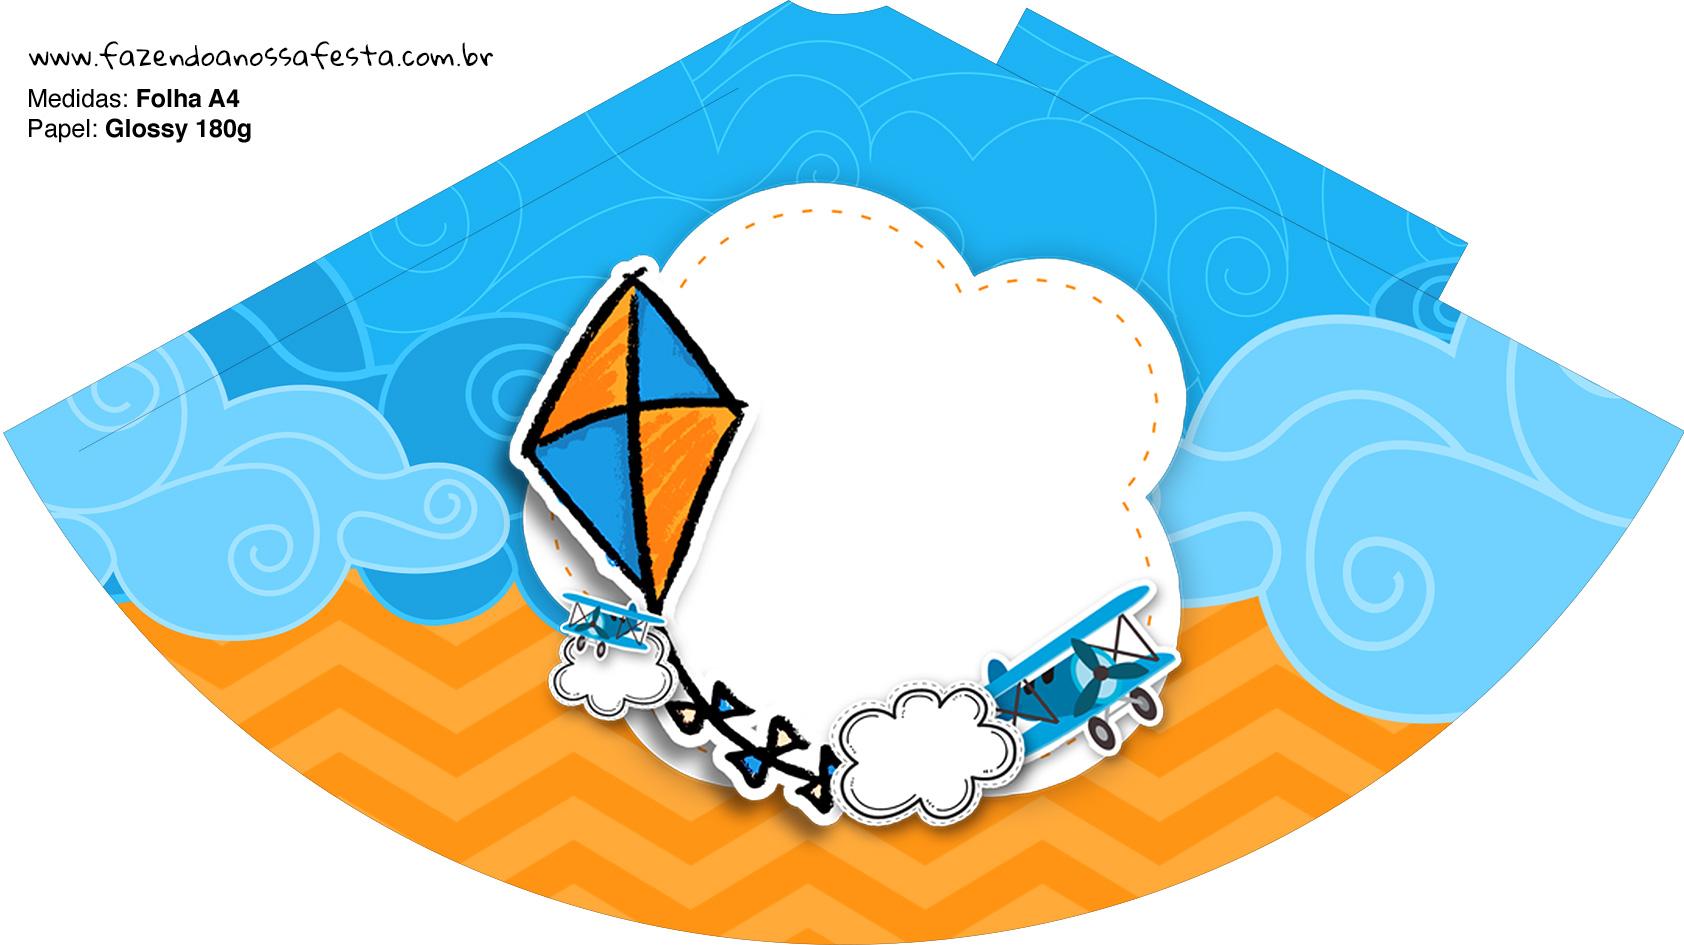 Chapeuzinho de Festa Pipa Laranja e Azul Kit Festa